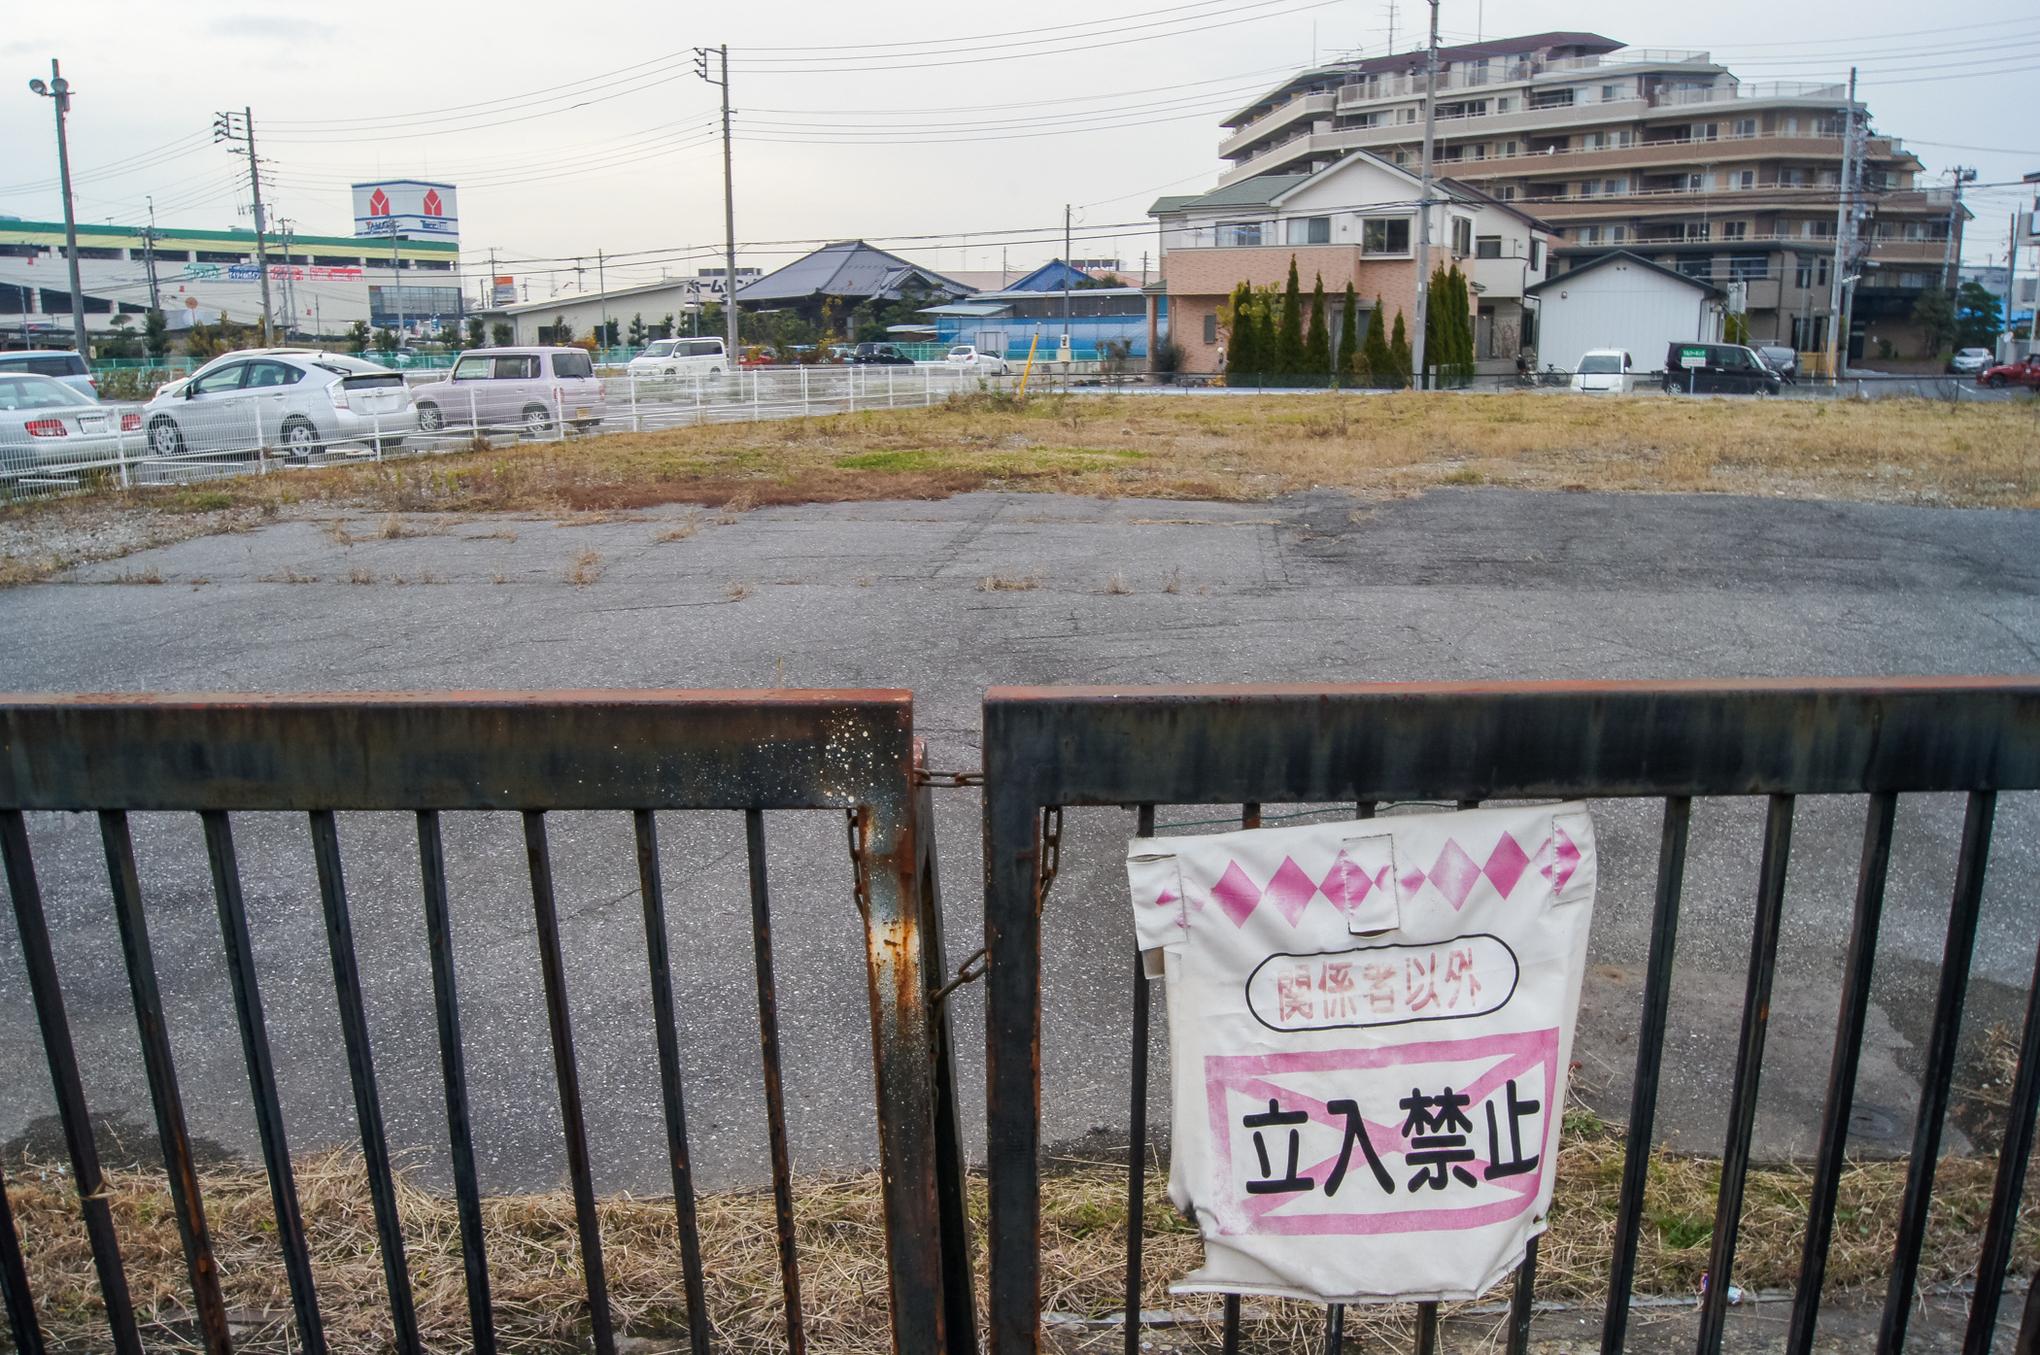 f:id:akichiniiko:20200925120241j:plain